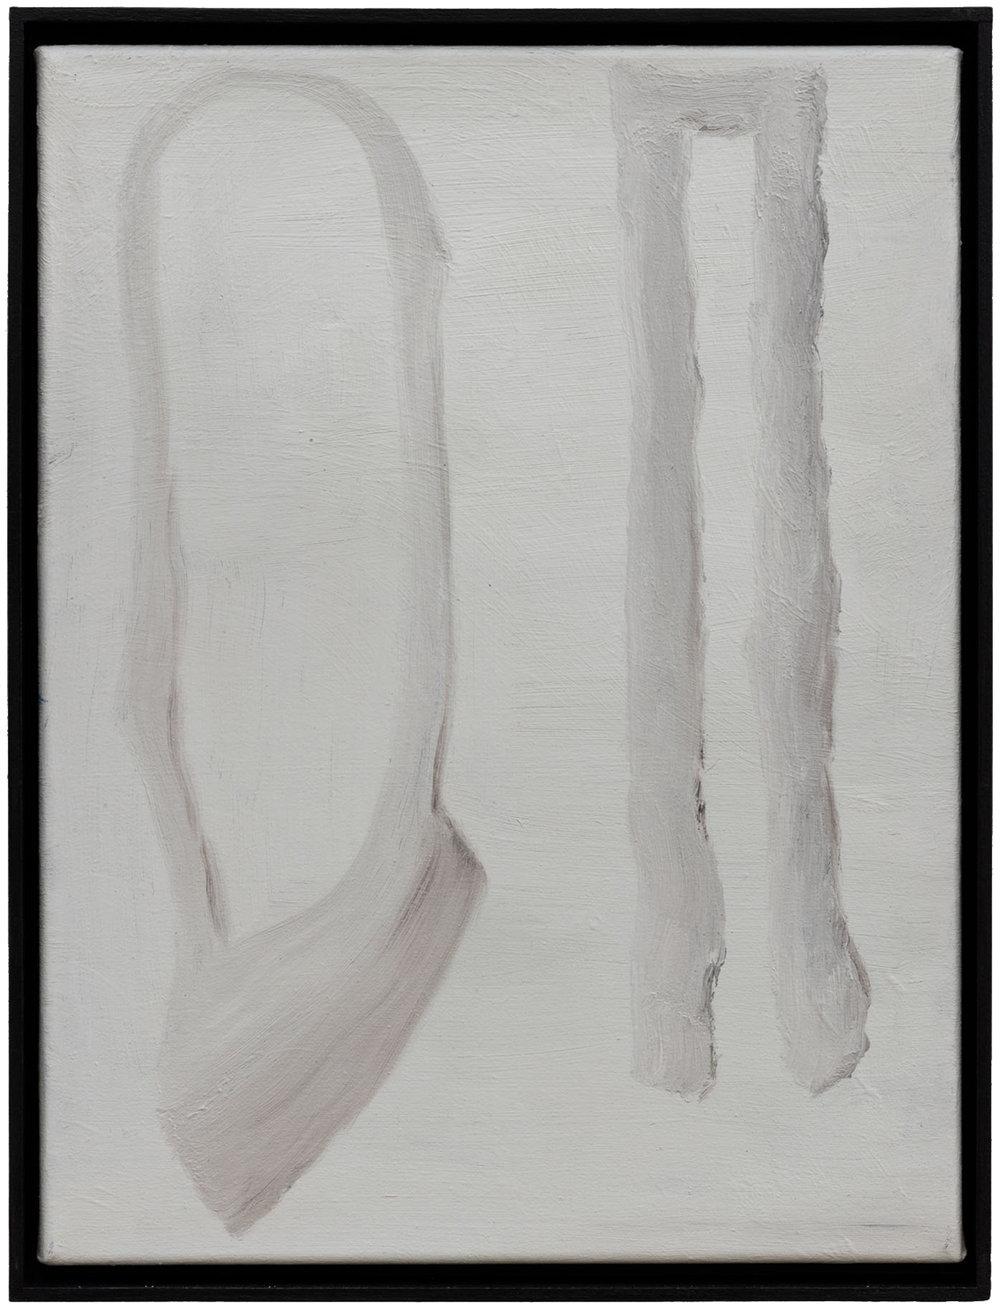 Ohne Titel, Öl auf Papier auf MDF in Künstlerrahmen, 40 x 30 cm